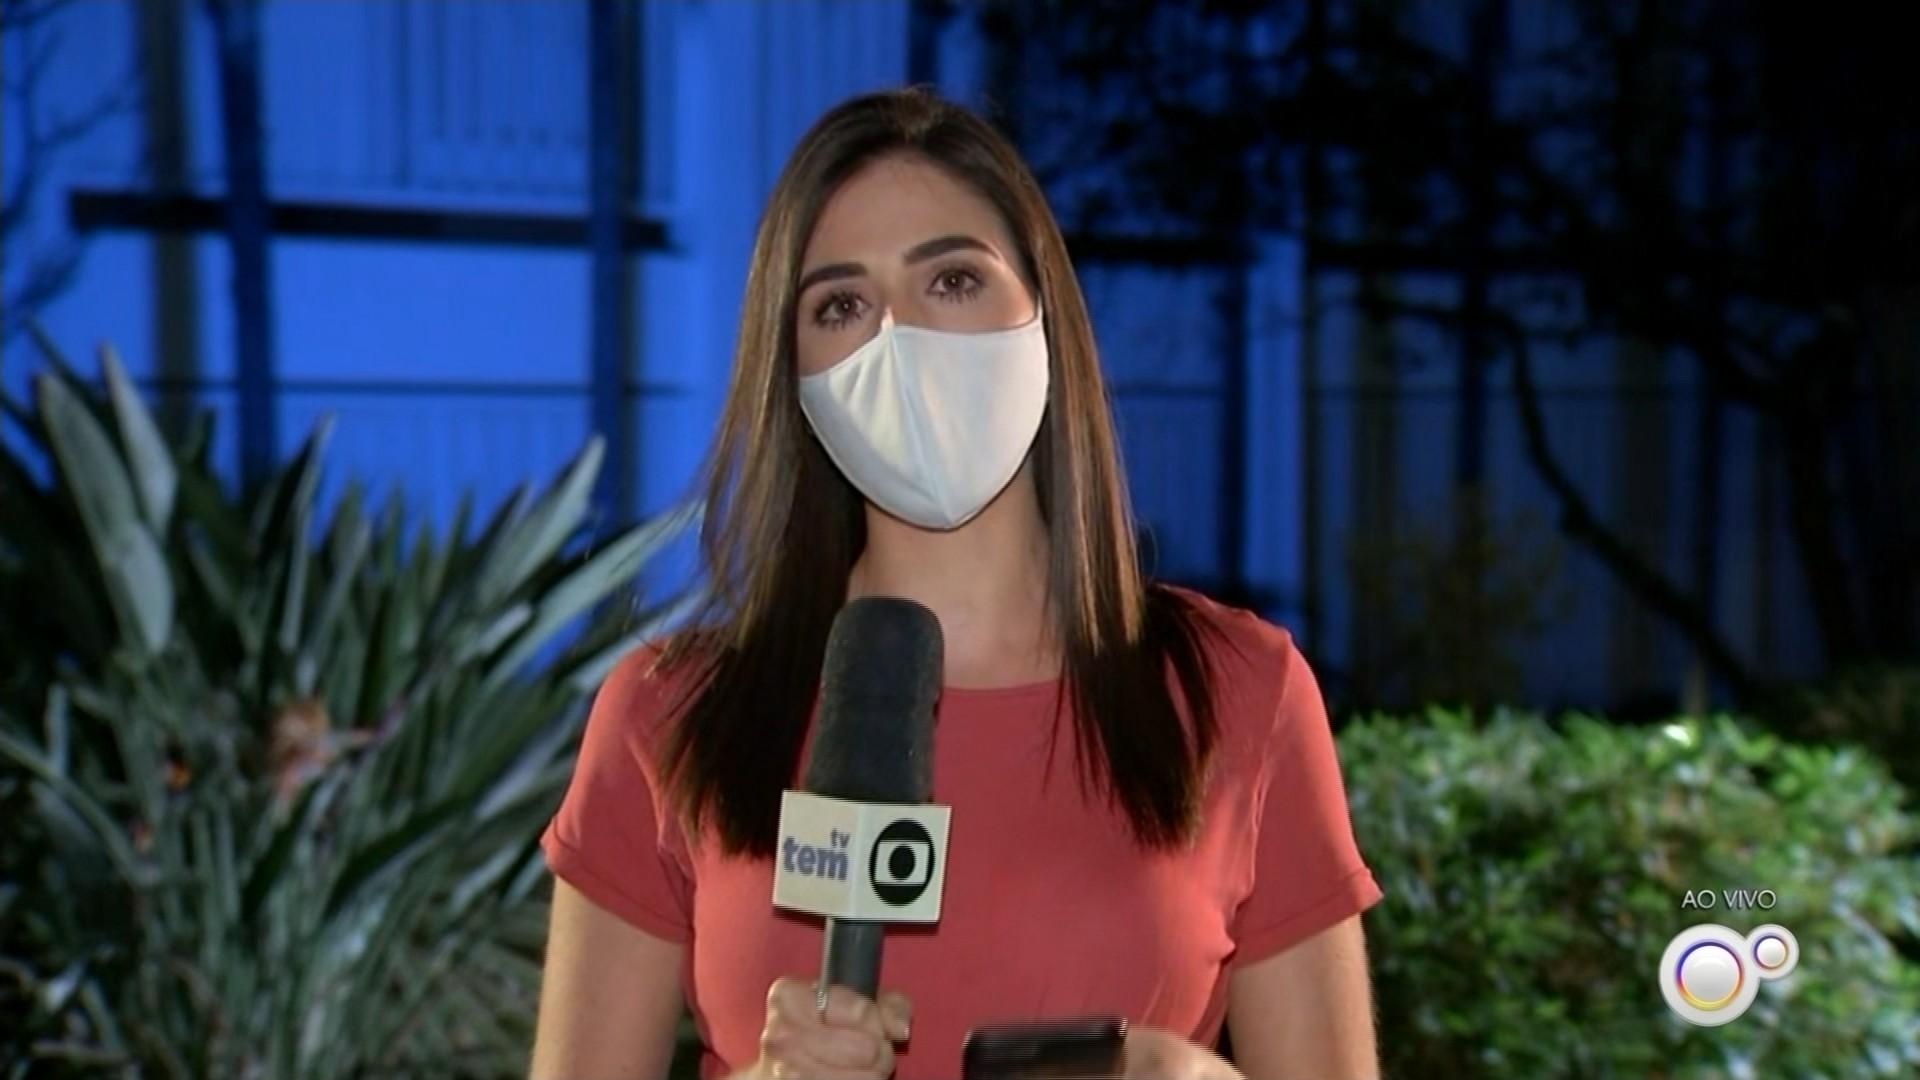 VÍDEOS: TEM Notícias 2ª edição de Rio Preto e Araçatuba desta quinta-feira, 13 de agosto